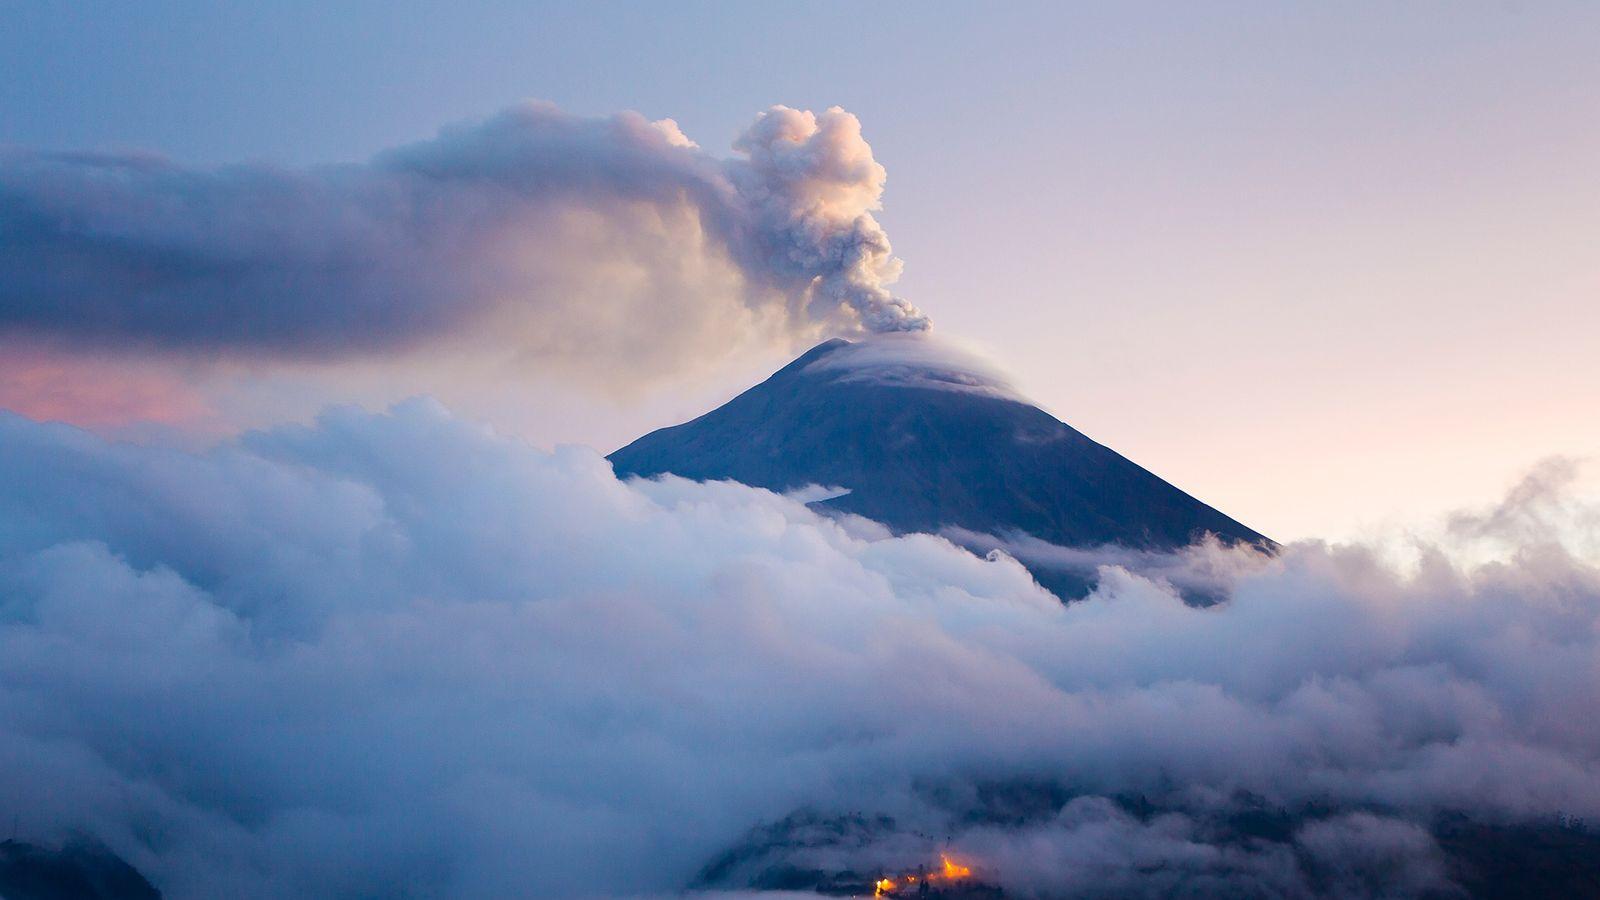 Vulcão Tungurahua em erupção durante o crepúsculo. As erupções vulcânicas representam uma forma pela qual a ...